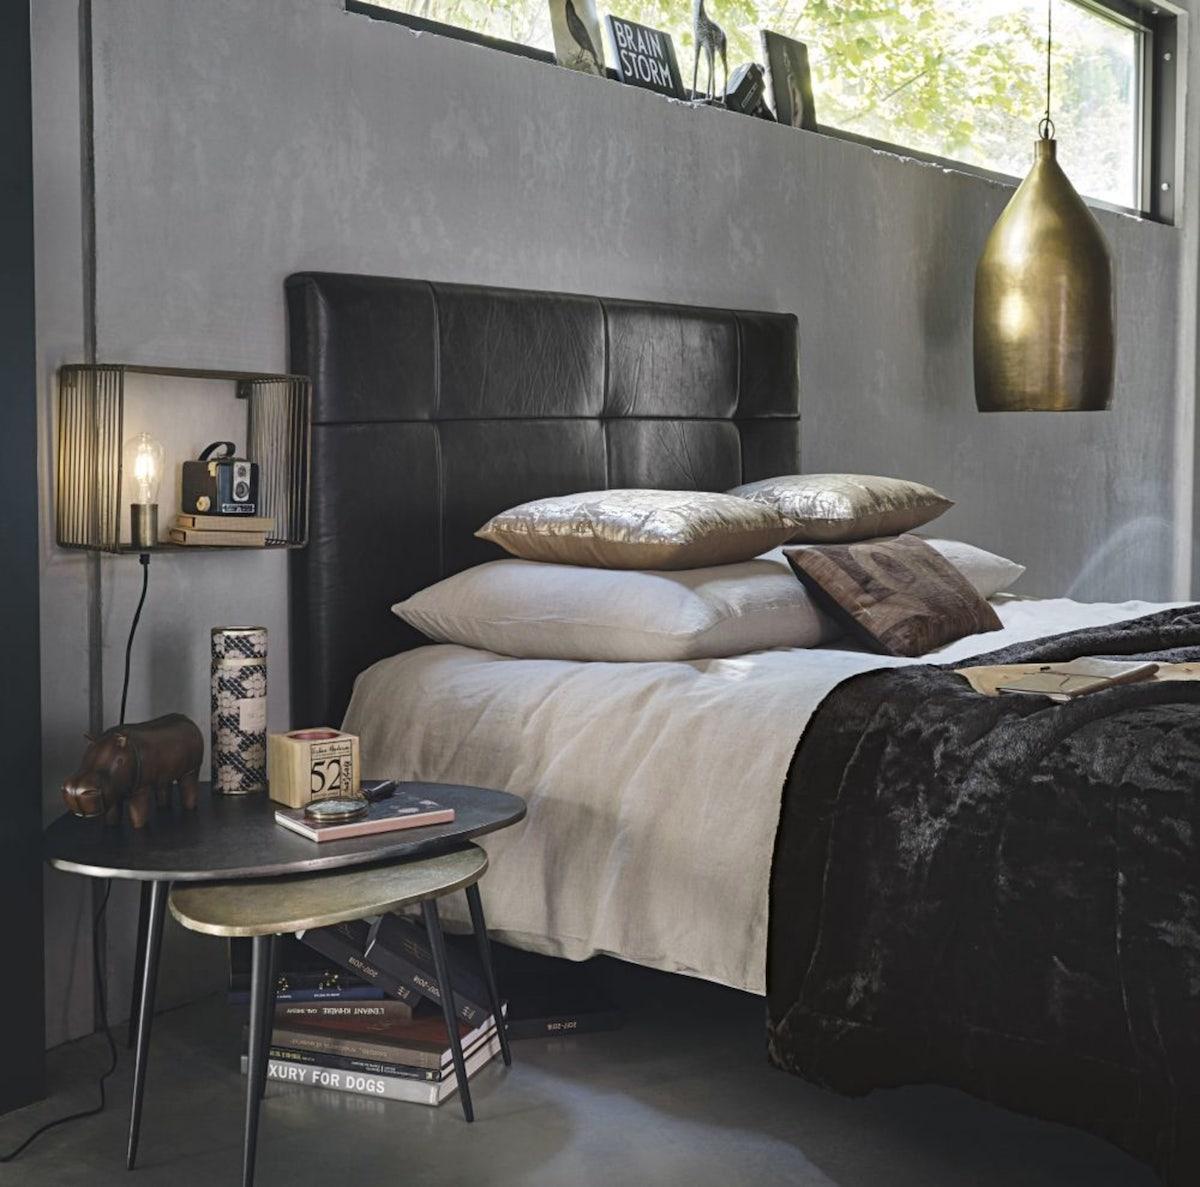 déco tête de lit cuir noir suspension laiton plaid velours déco chic industrielle